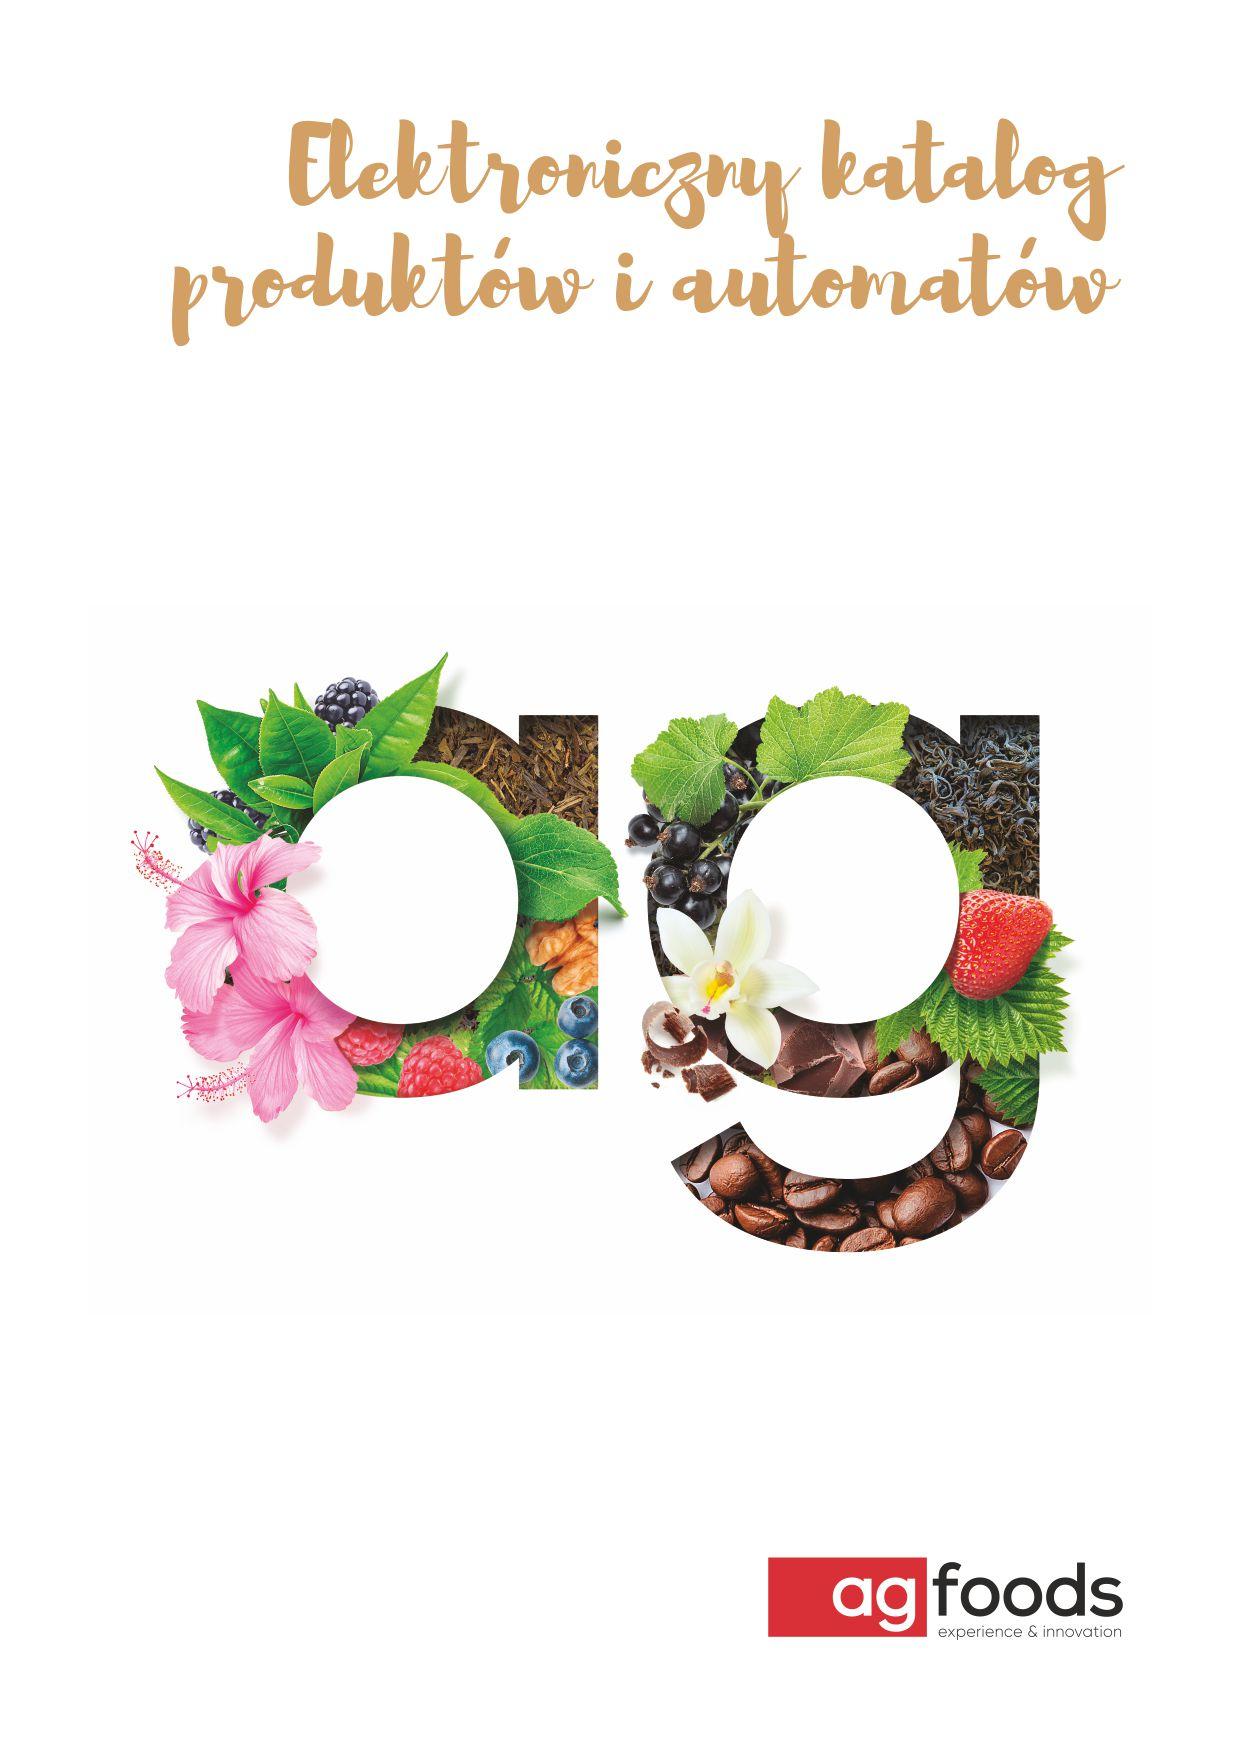 Elektroniczny katalog produktów i automatów